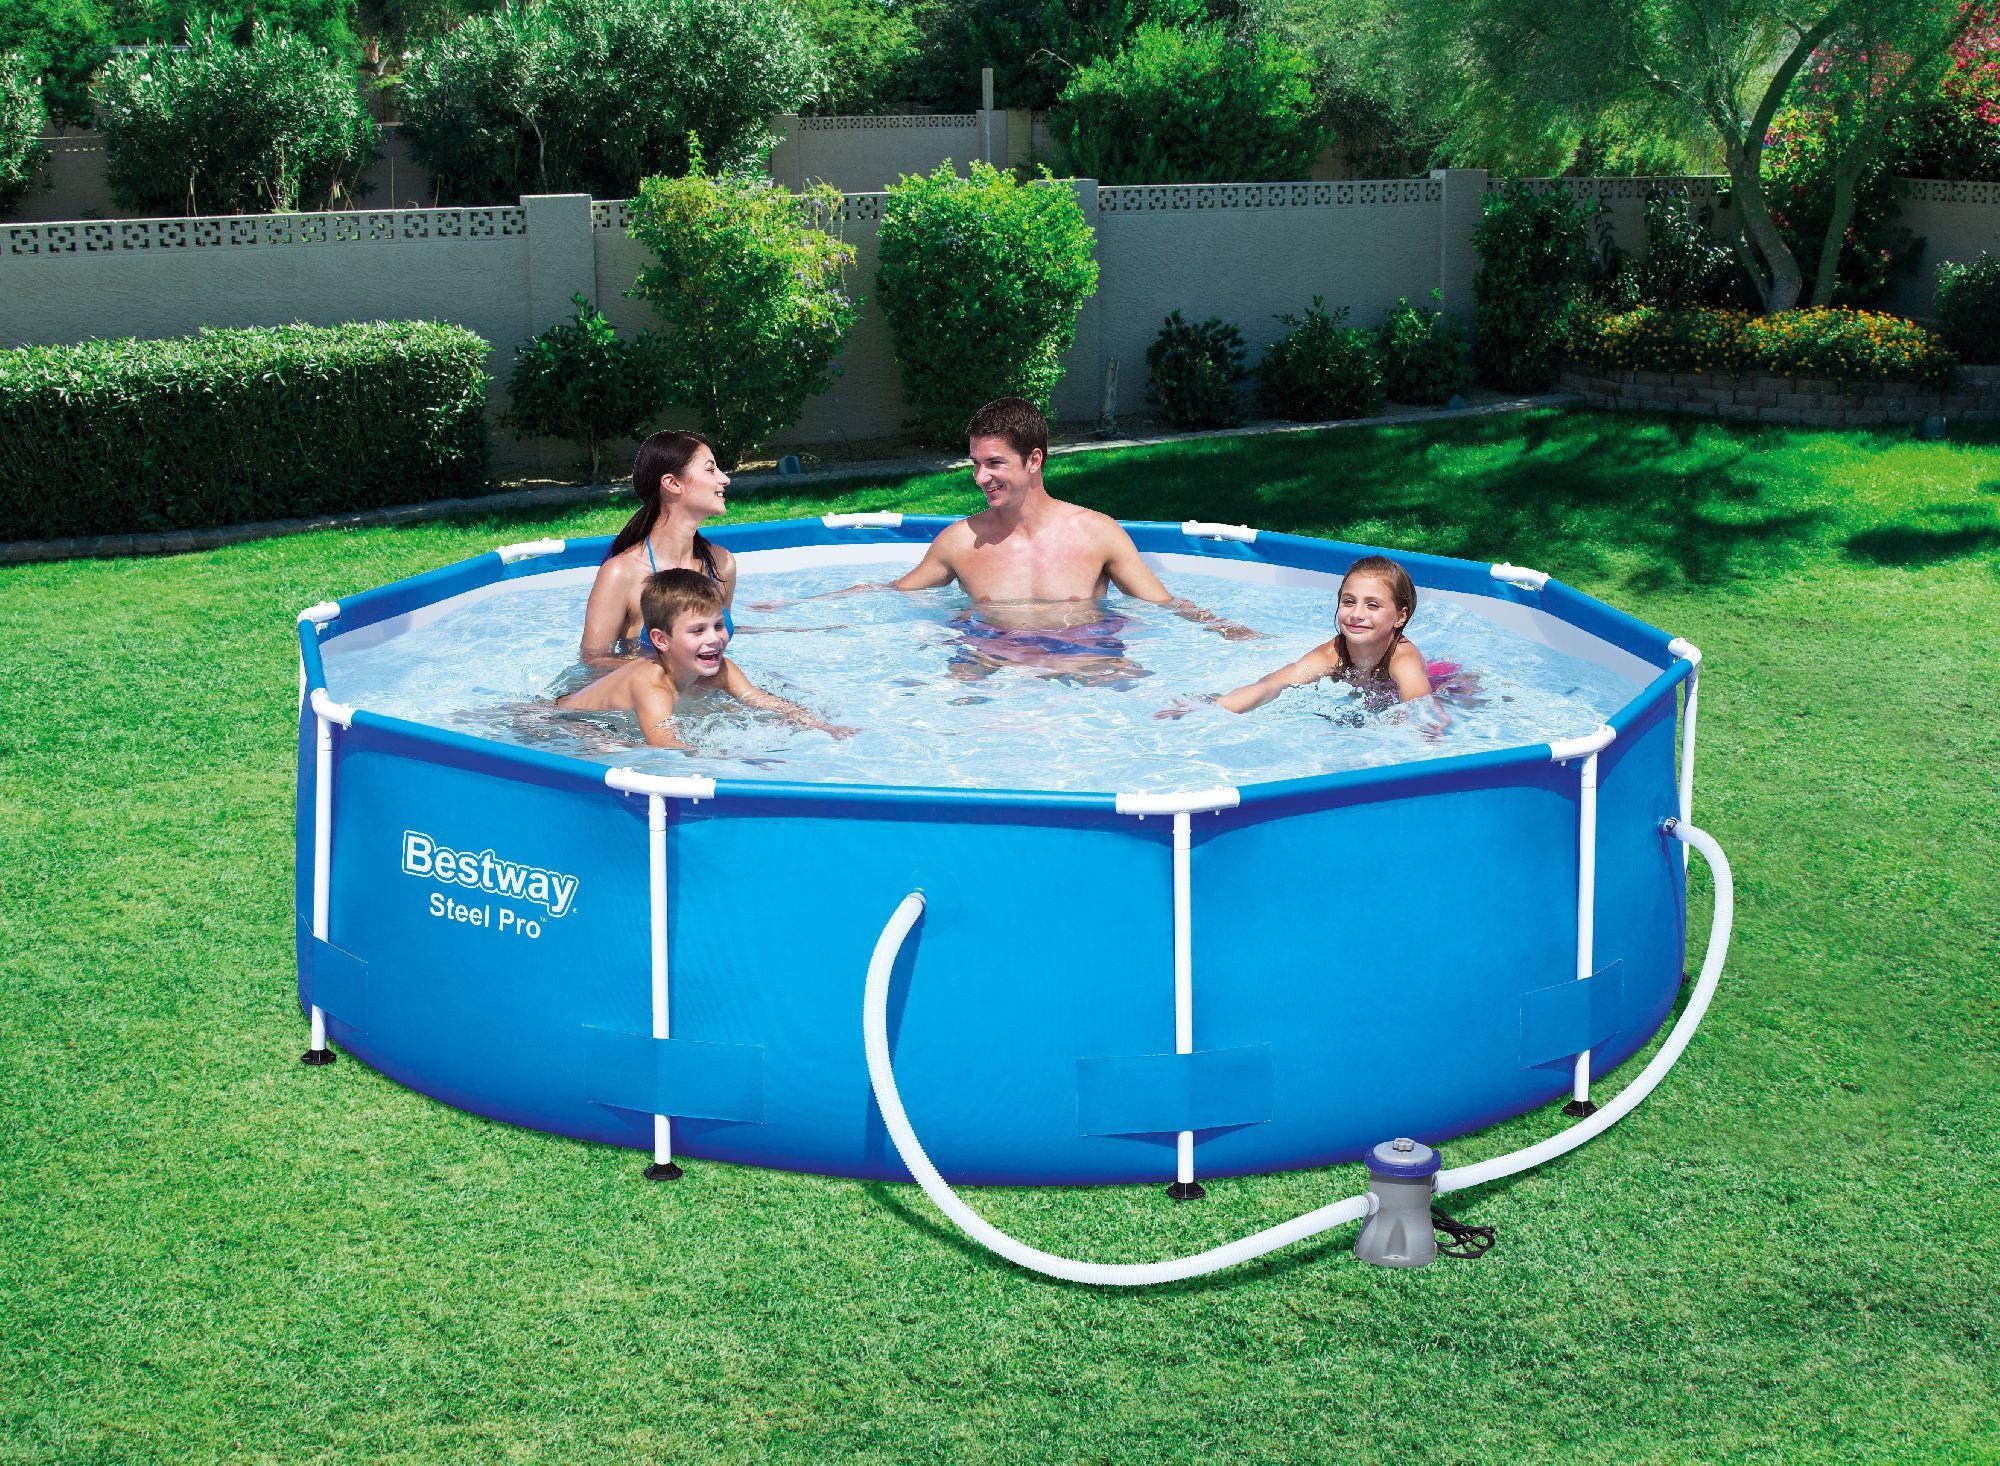 Bestway gartenpool frame pool steel pro 305x76 cm inkl for Gartenpool ebay